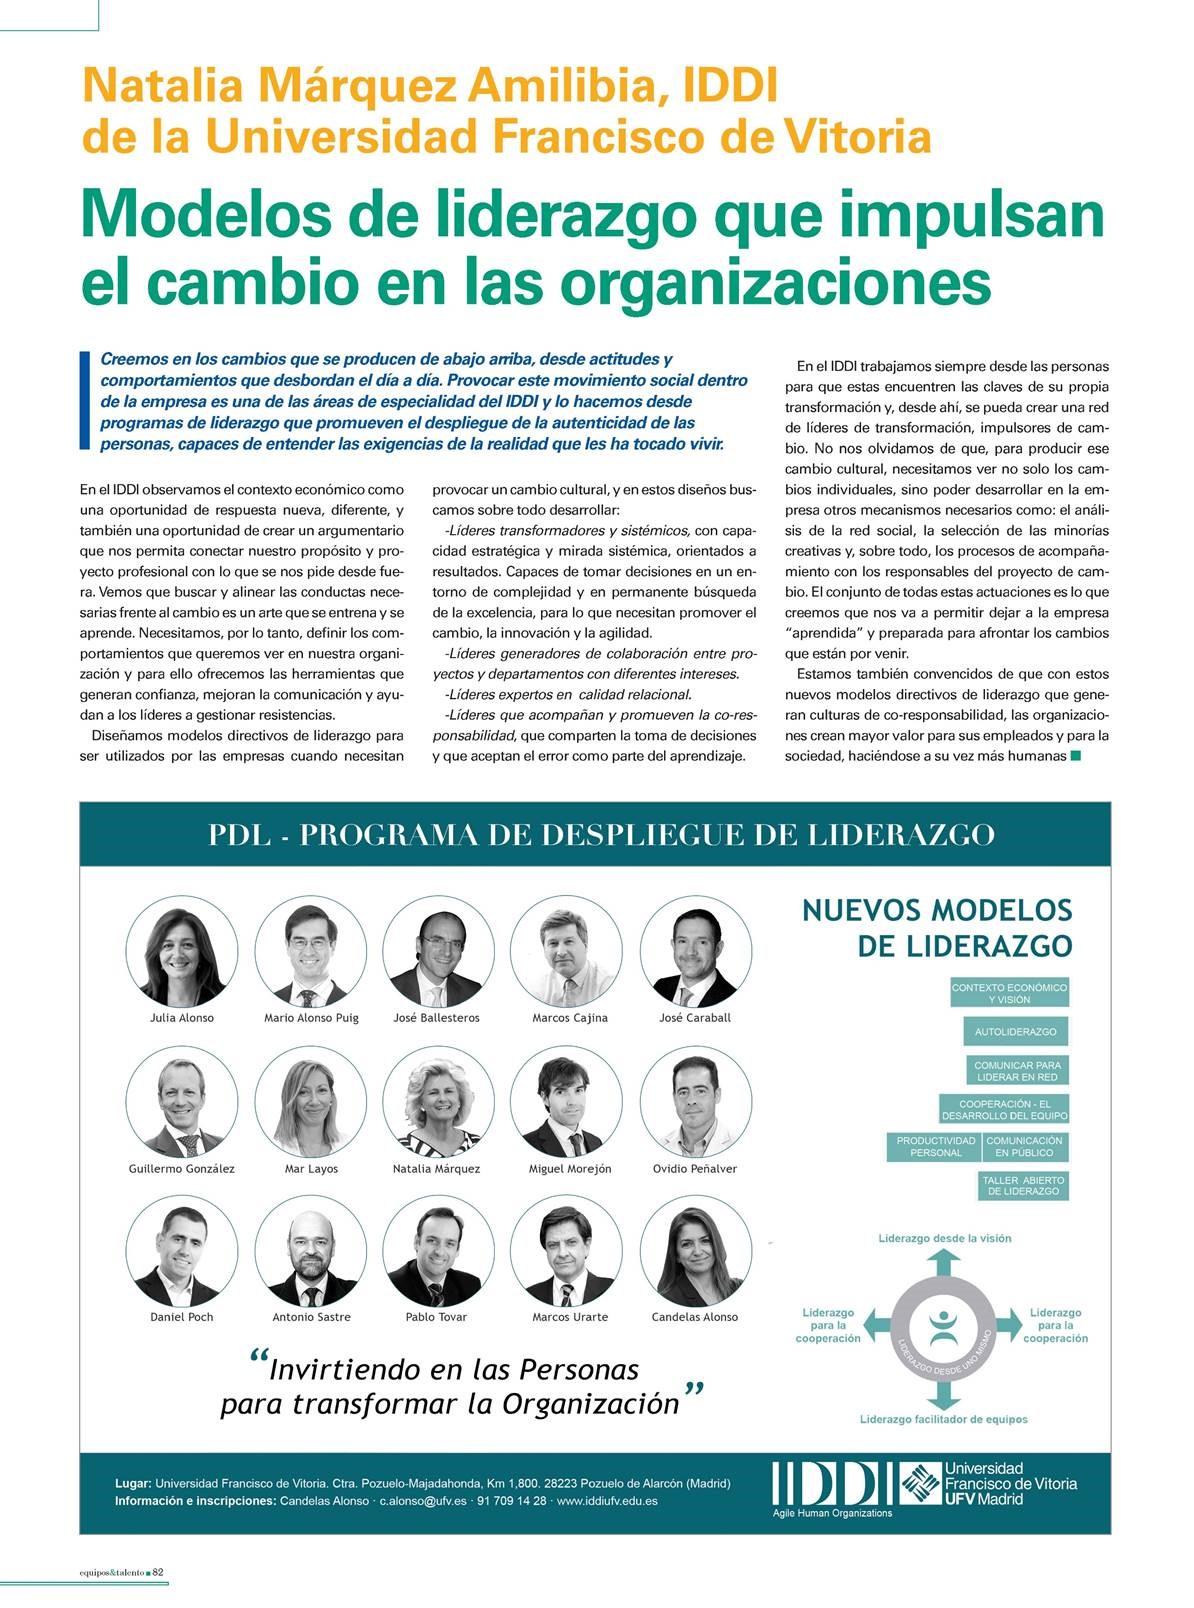 iddi 1 Natalia Márquez, del IDDI de la UFV, nos habla de una de las actuaciones en empresas en las que el IDDI es experto: los modelos directivos de liderazgo que impulsan el cambio